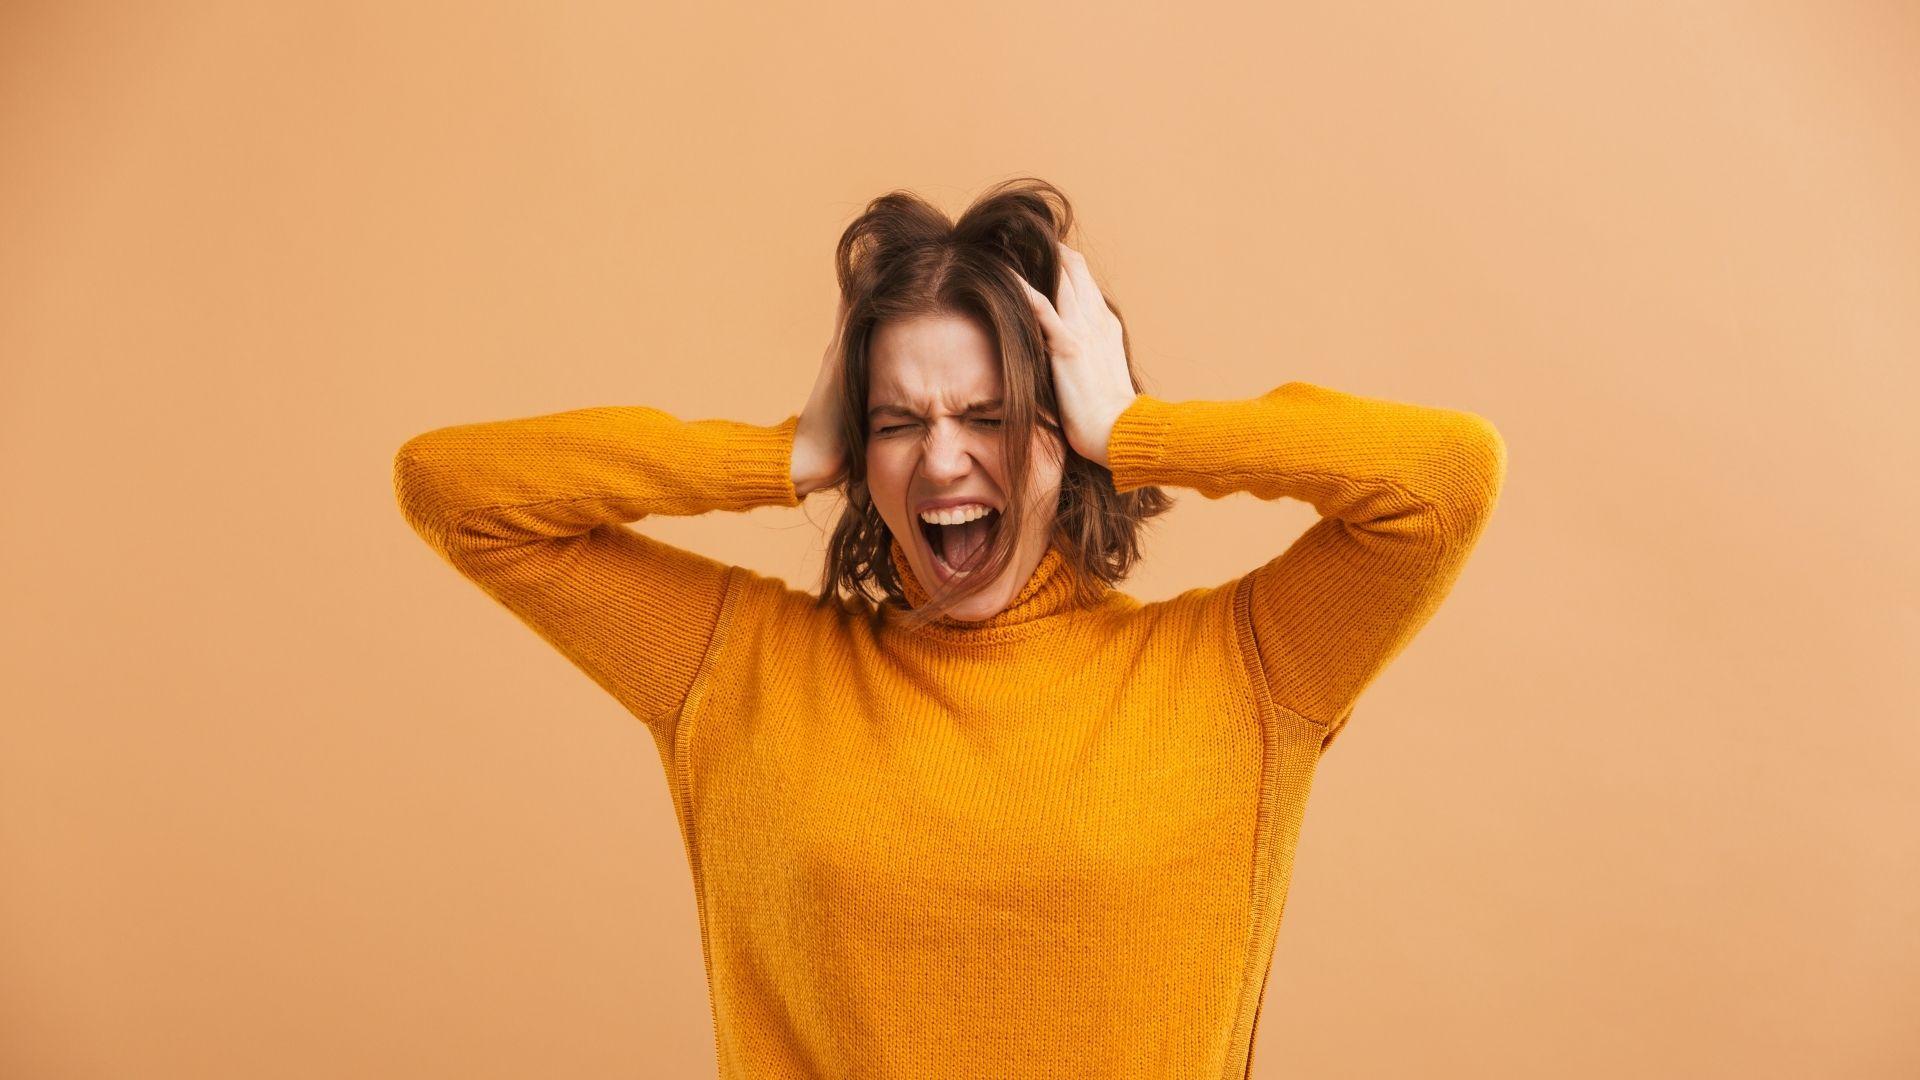 Jak na bolest hlavy přírodně - zkuste to bez škodlivých léků